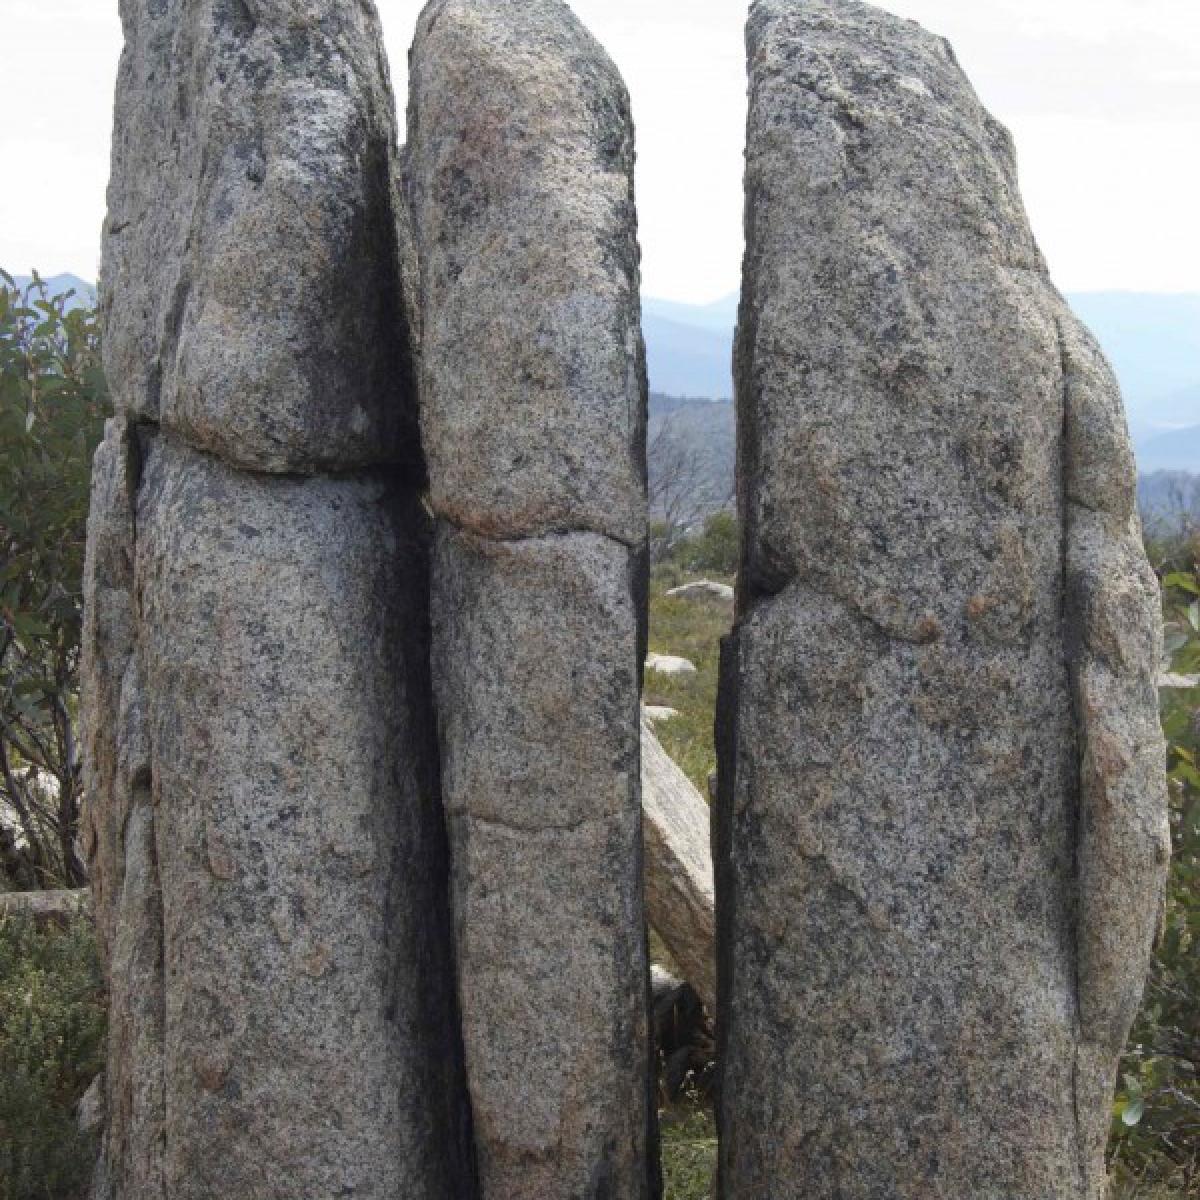 002 Granite tors